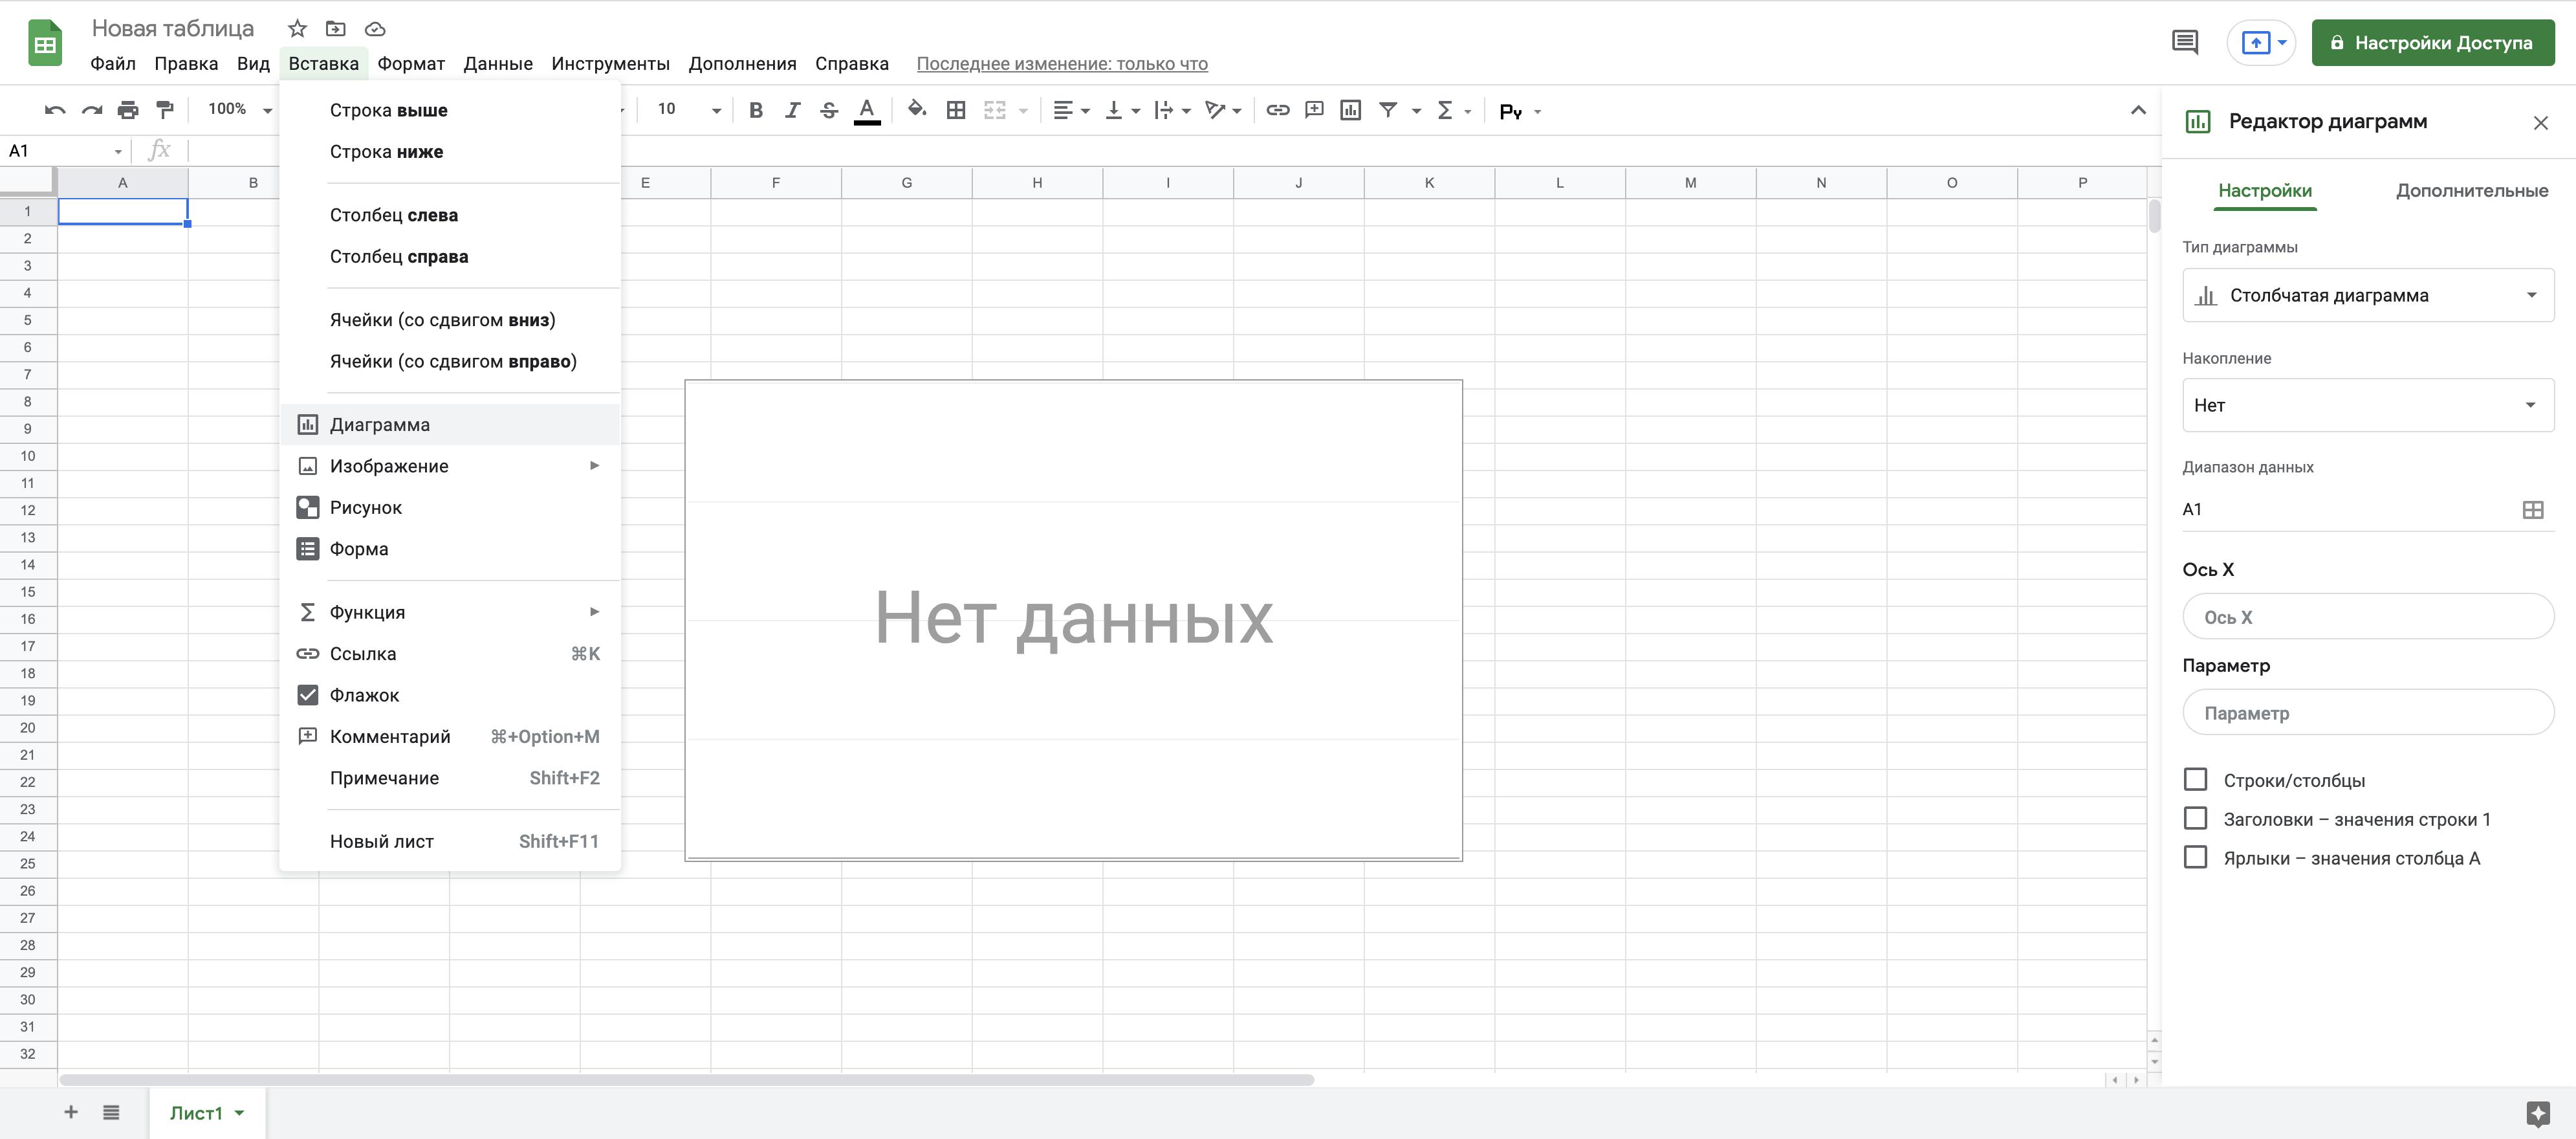 как построить график по точкам в эксель онлайн